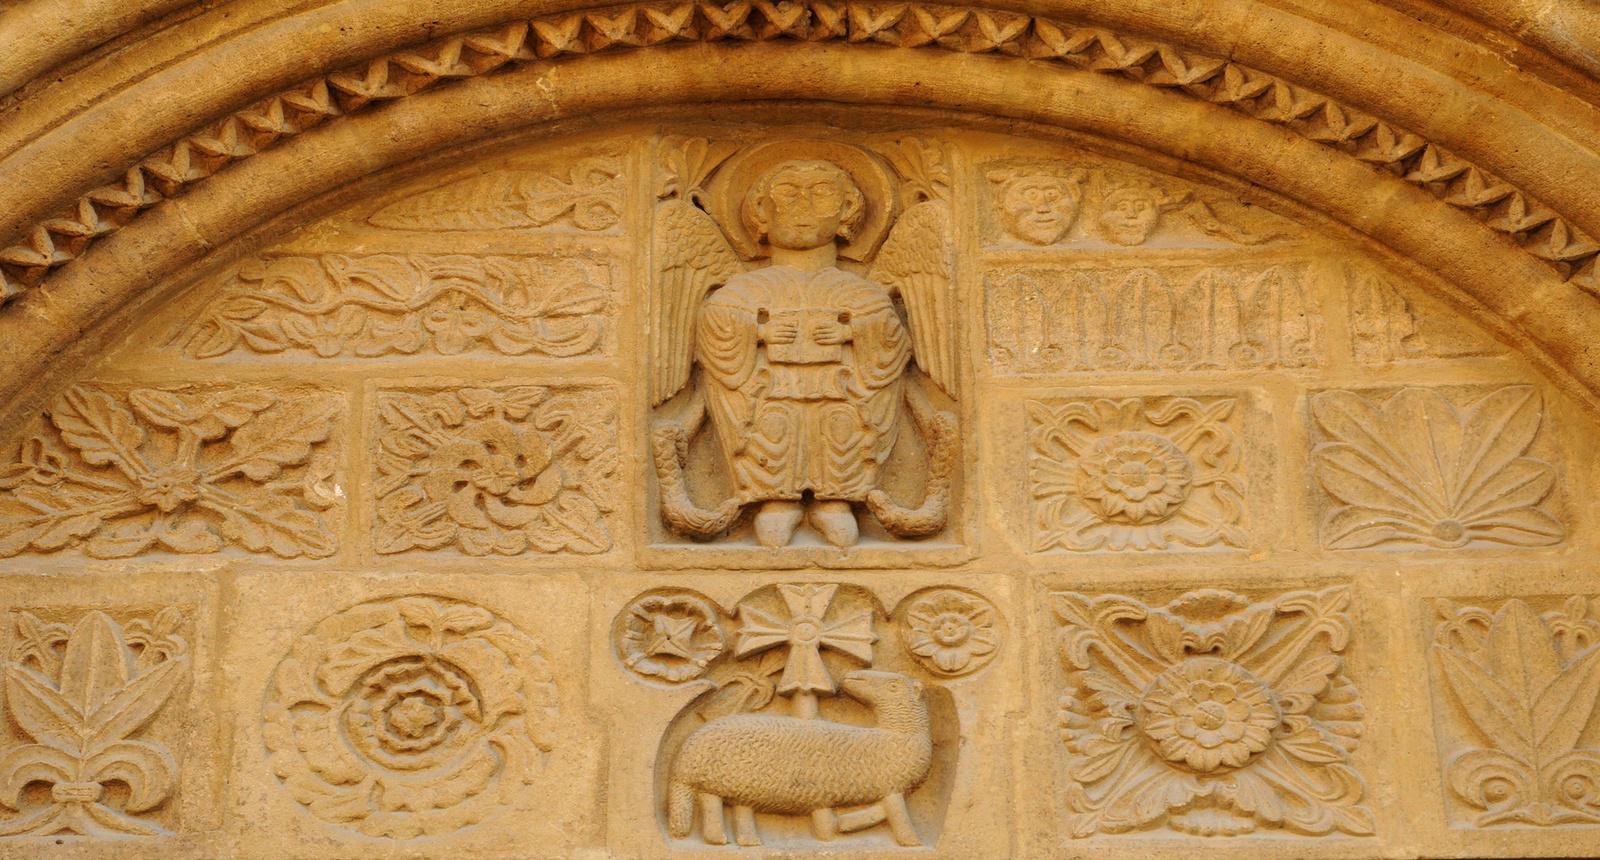 Eglise Saint-Michel, Salon-de-Provence